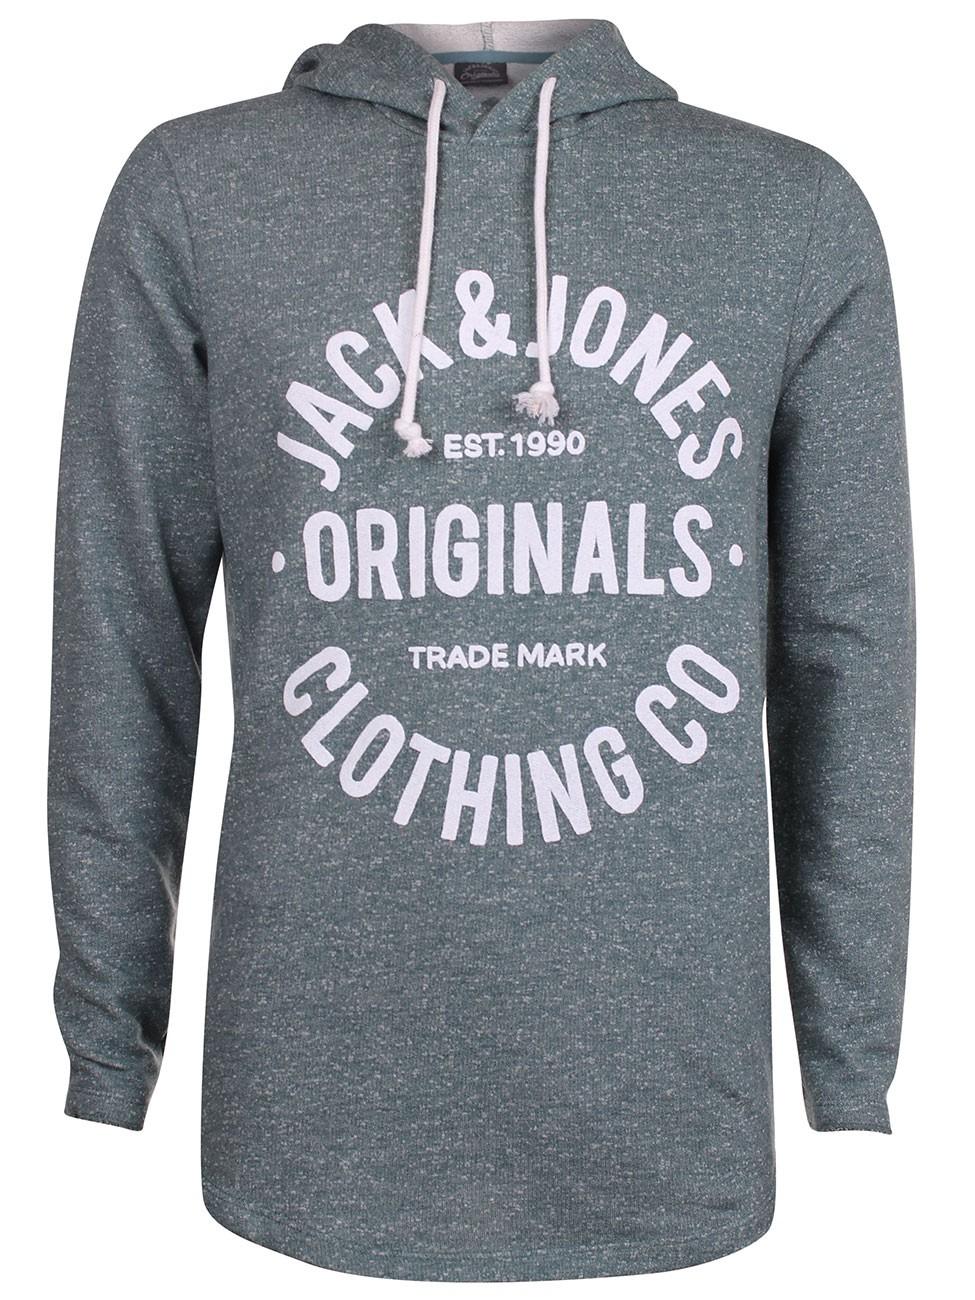 Jack & Jones Sweatshirt in 3 Farben (Gr. S-2XL) für 19,95€ statt 29,80€, keine VSK